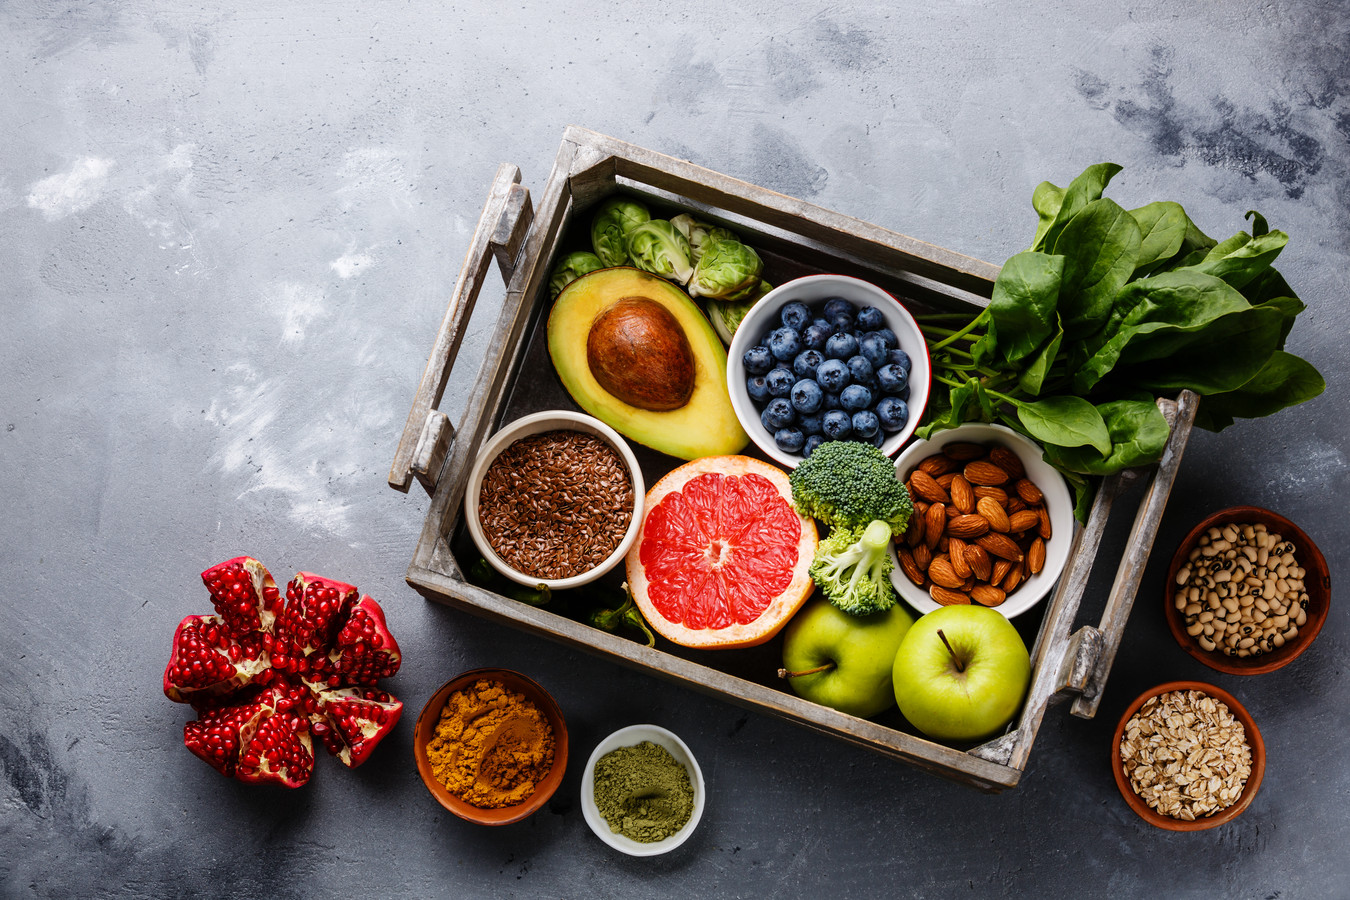 Fruit, groenten en noten. Allemaal goed voor je, maar helpen ze ook je brein?